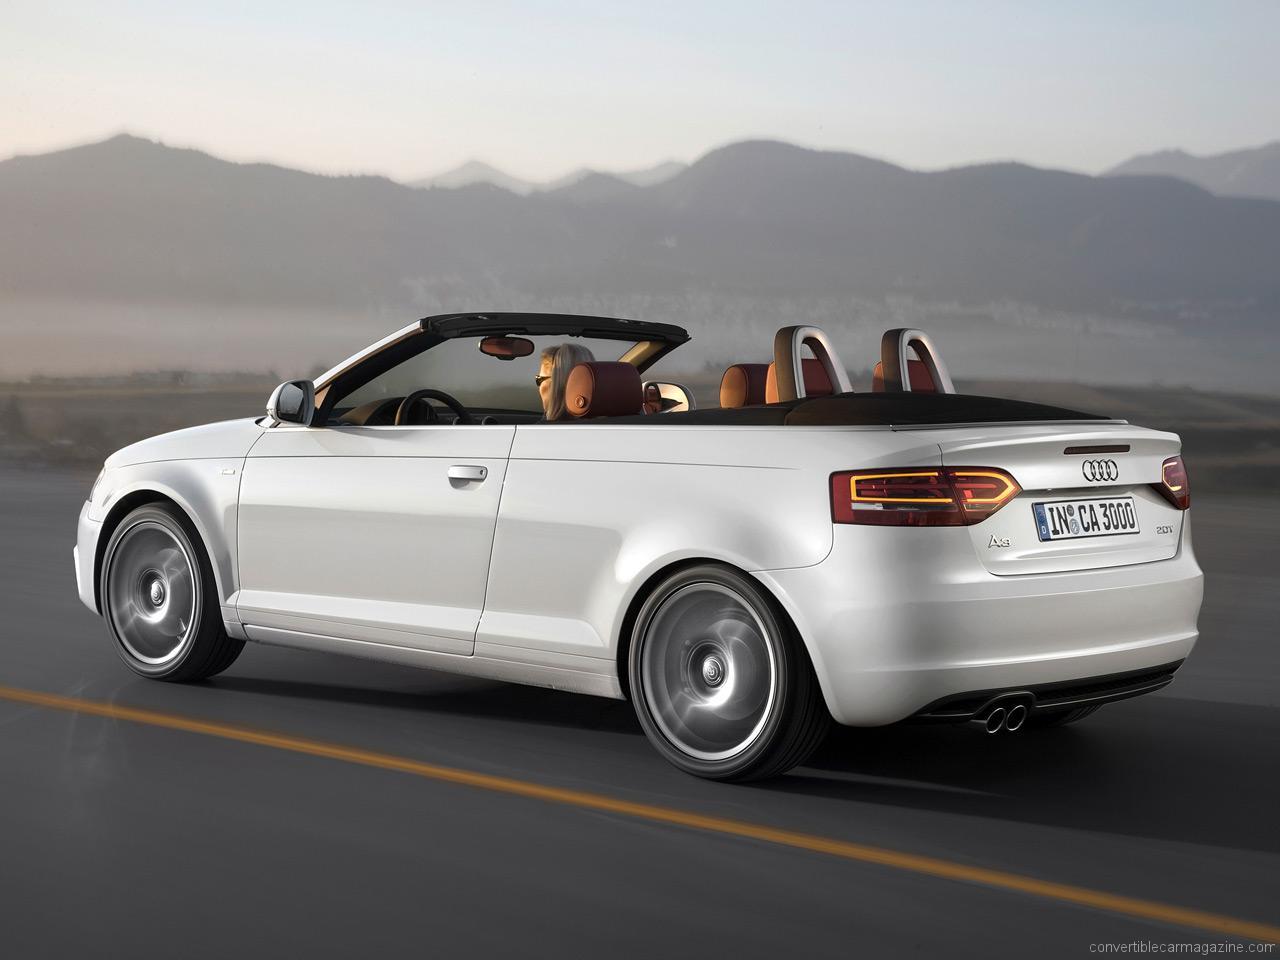 Audi A3 Hardtop Convertible